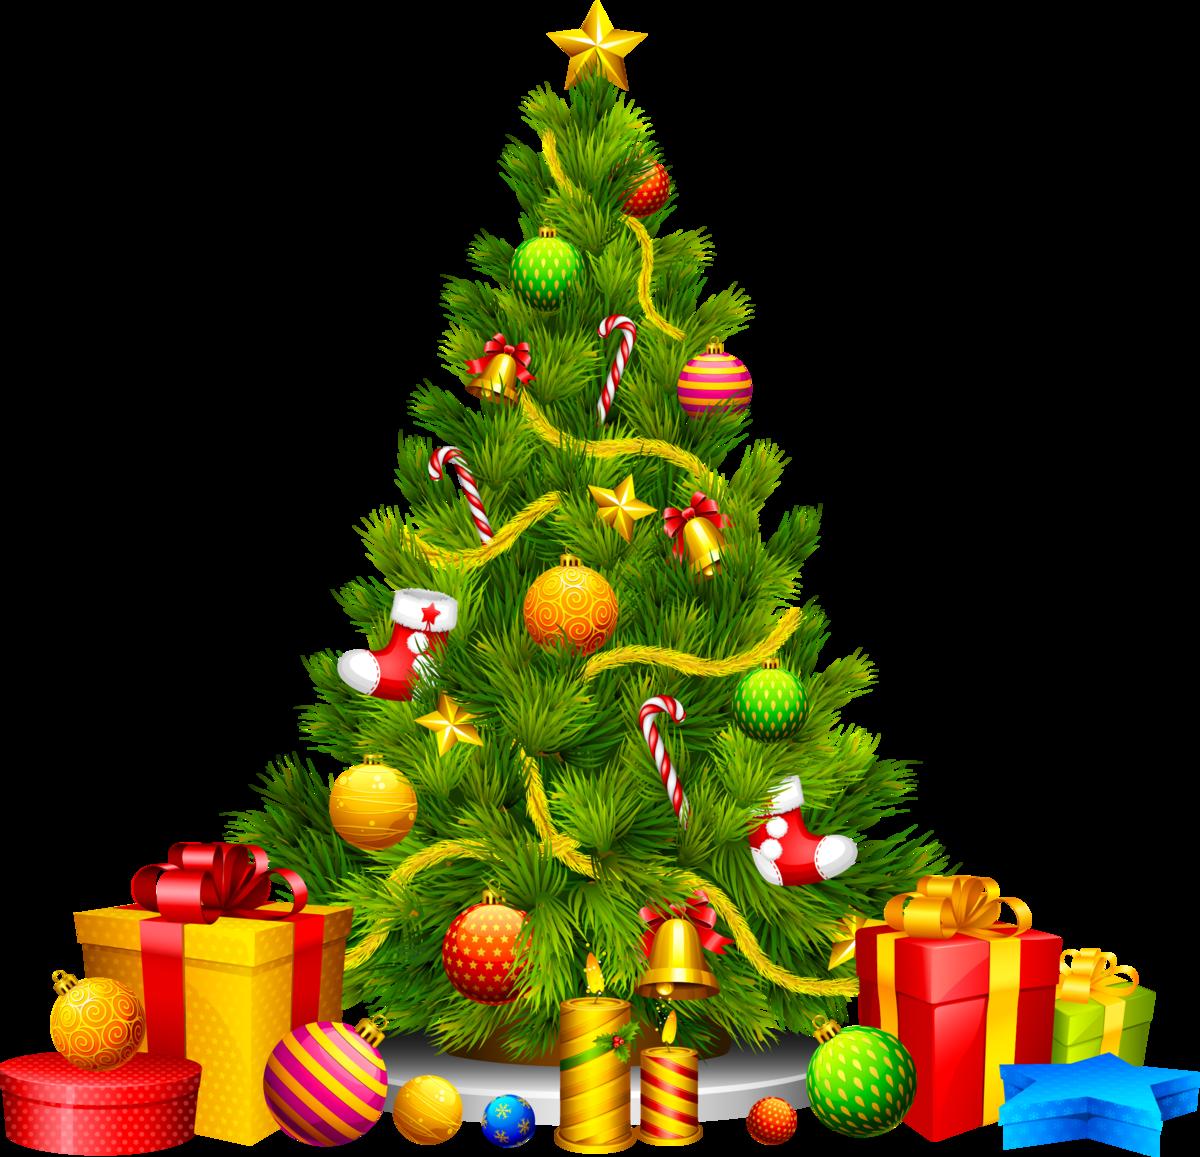 Картинки с новогодней елочкой для детей, красивые